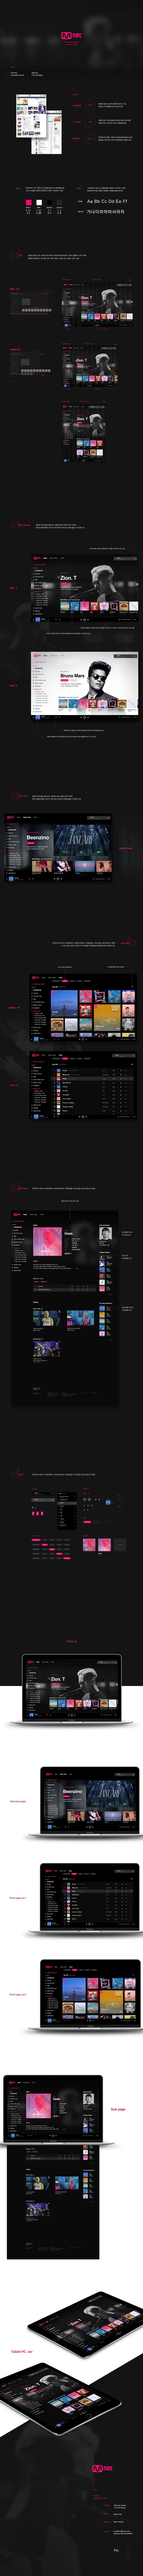 다음 @Behance 프로젝트 확인: \u201cMnet music website renewal\u201d https://www.behance.net/gallery/44486953/Mnet-music-website-renewal